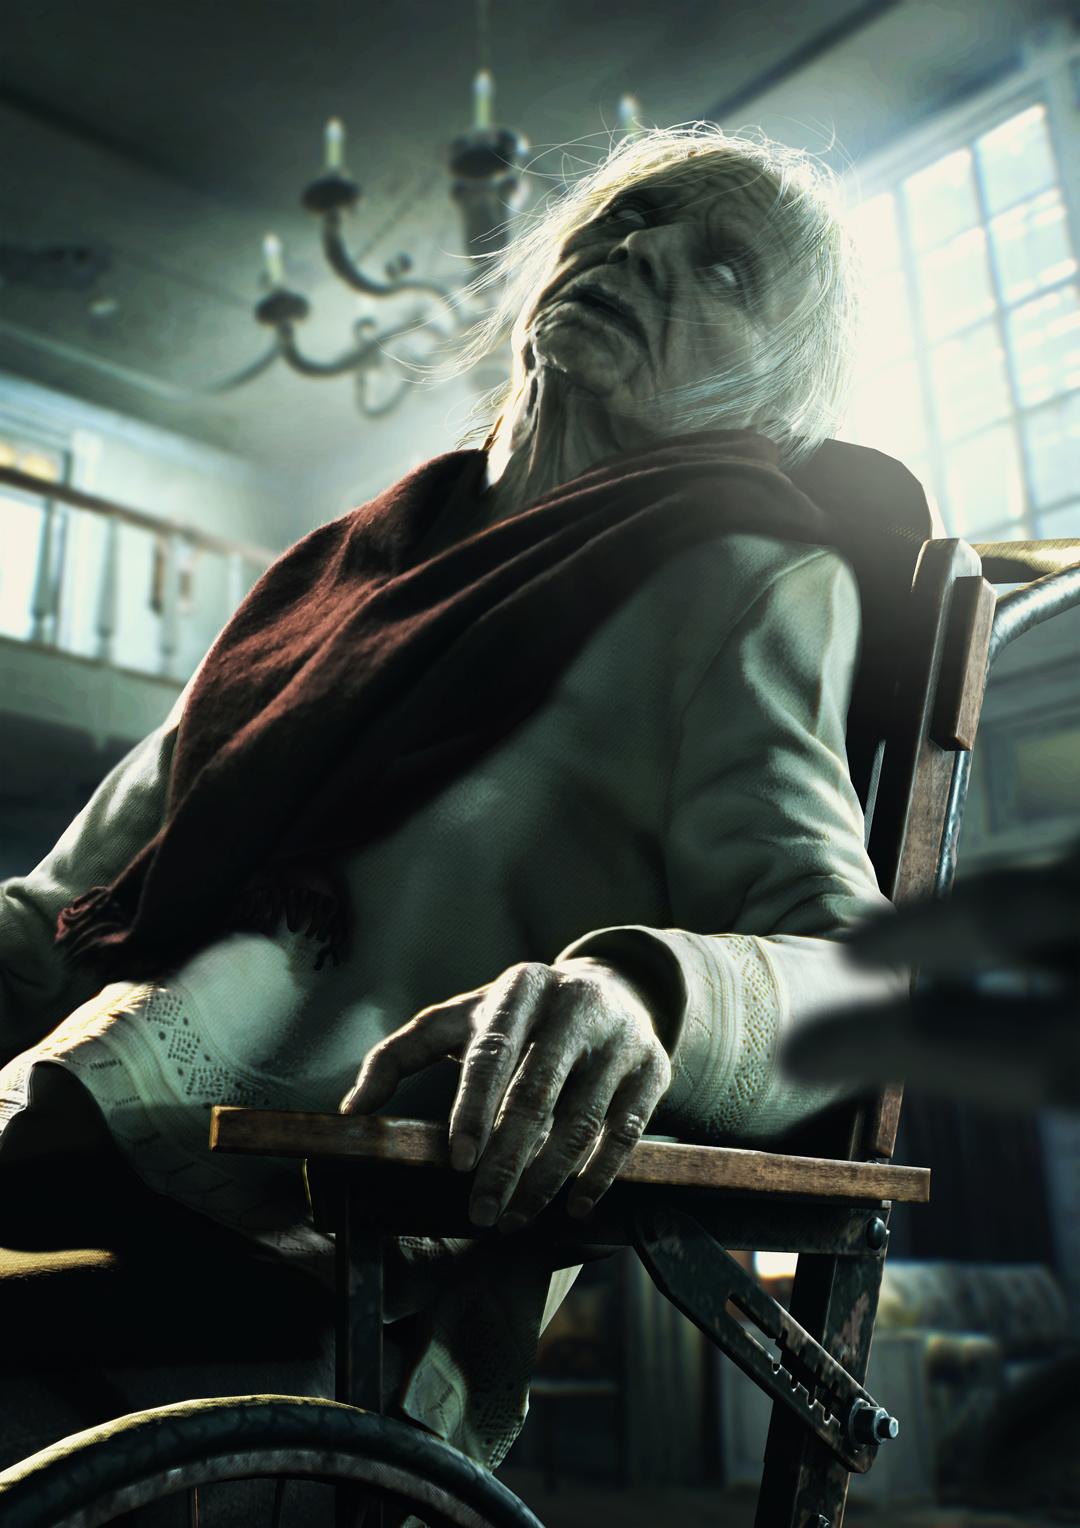 Resident-Evil-7-biohazard_11